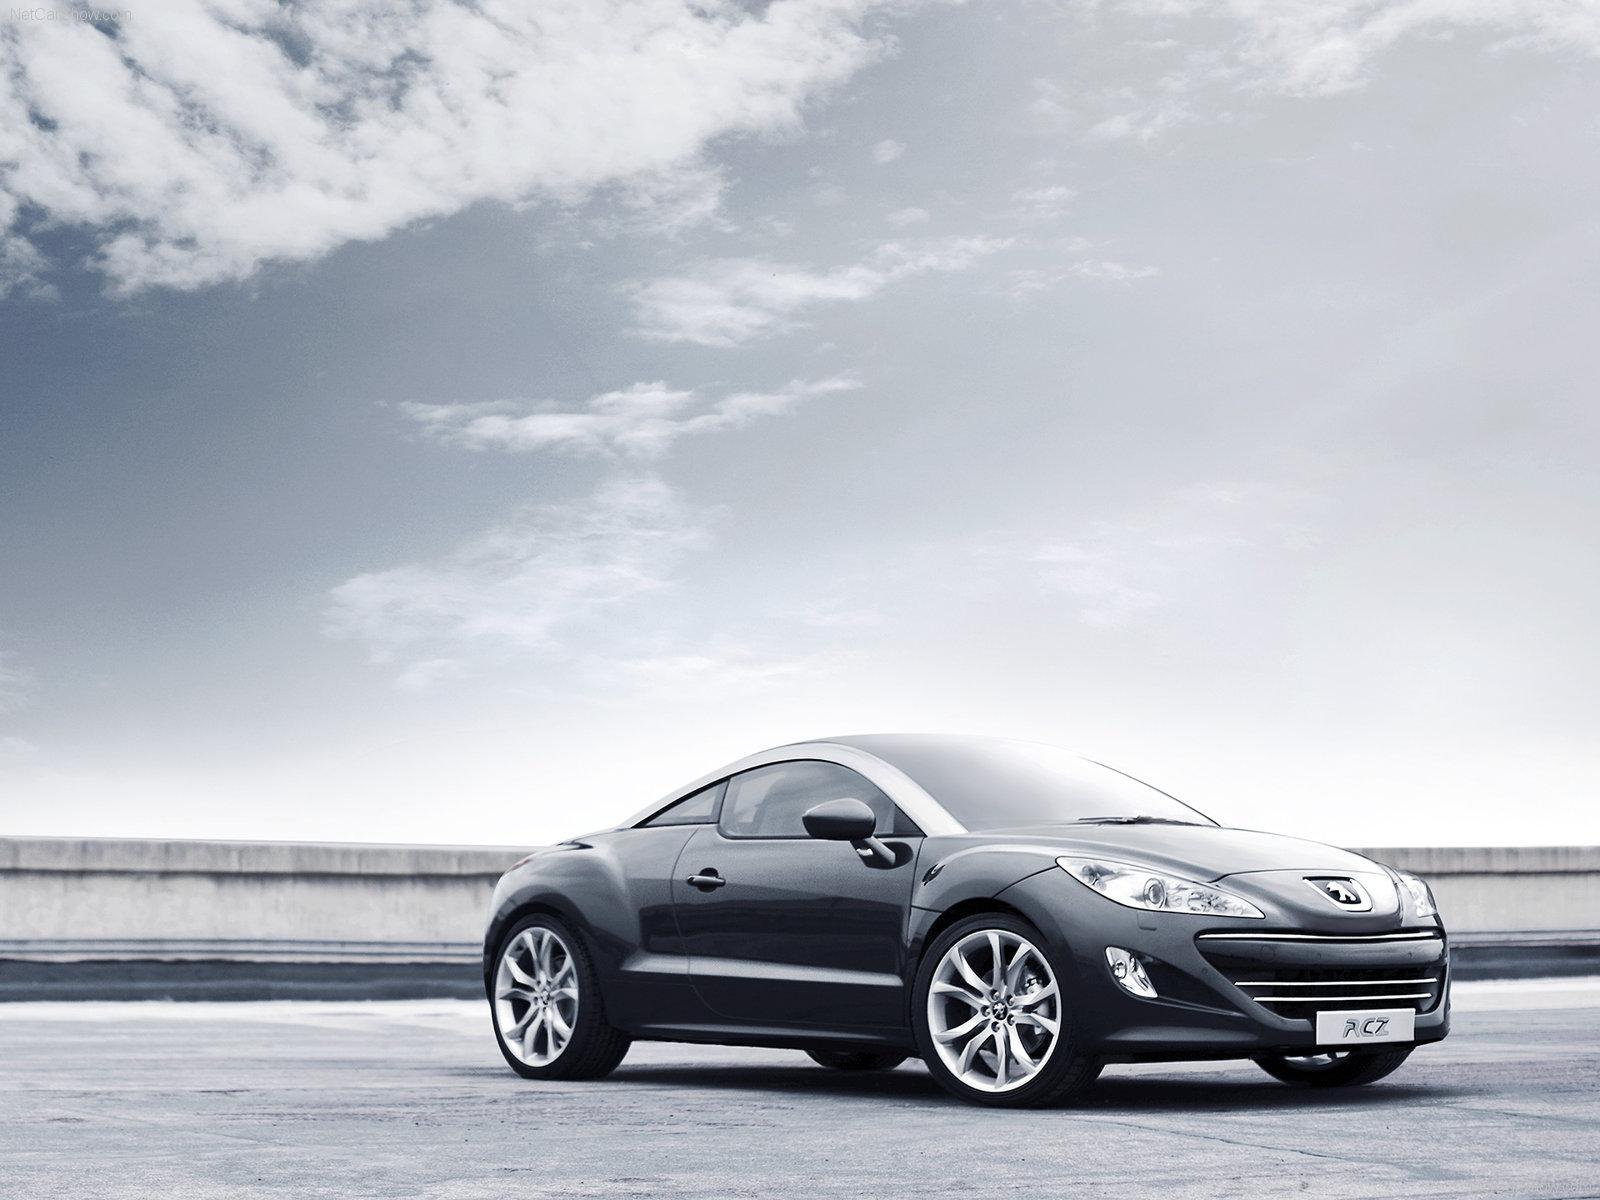 10330 скачать обои Транспорт, Машины, Пежо (Peugeot) - заставки и картинки бесплатно